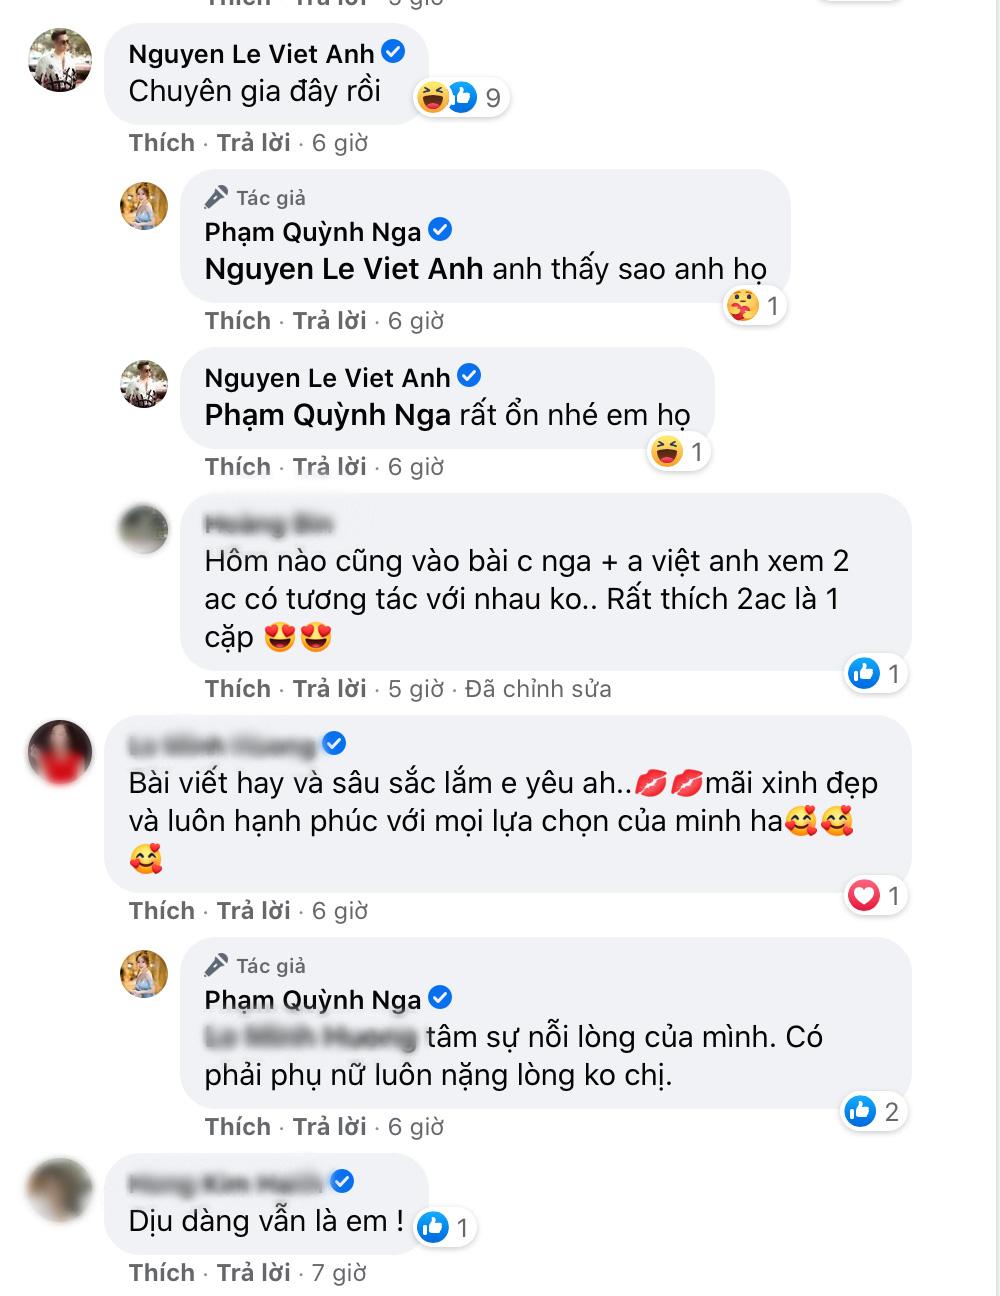 Hậu đổ vỡ hôn nhân, Quỳnh Nga vạch mặt 3 loại đàn ông chị em nên tránh: Netizen thấm thía, Việt Anh vào tấm tắc khen - Ảnh 4.